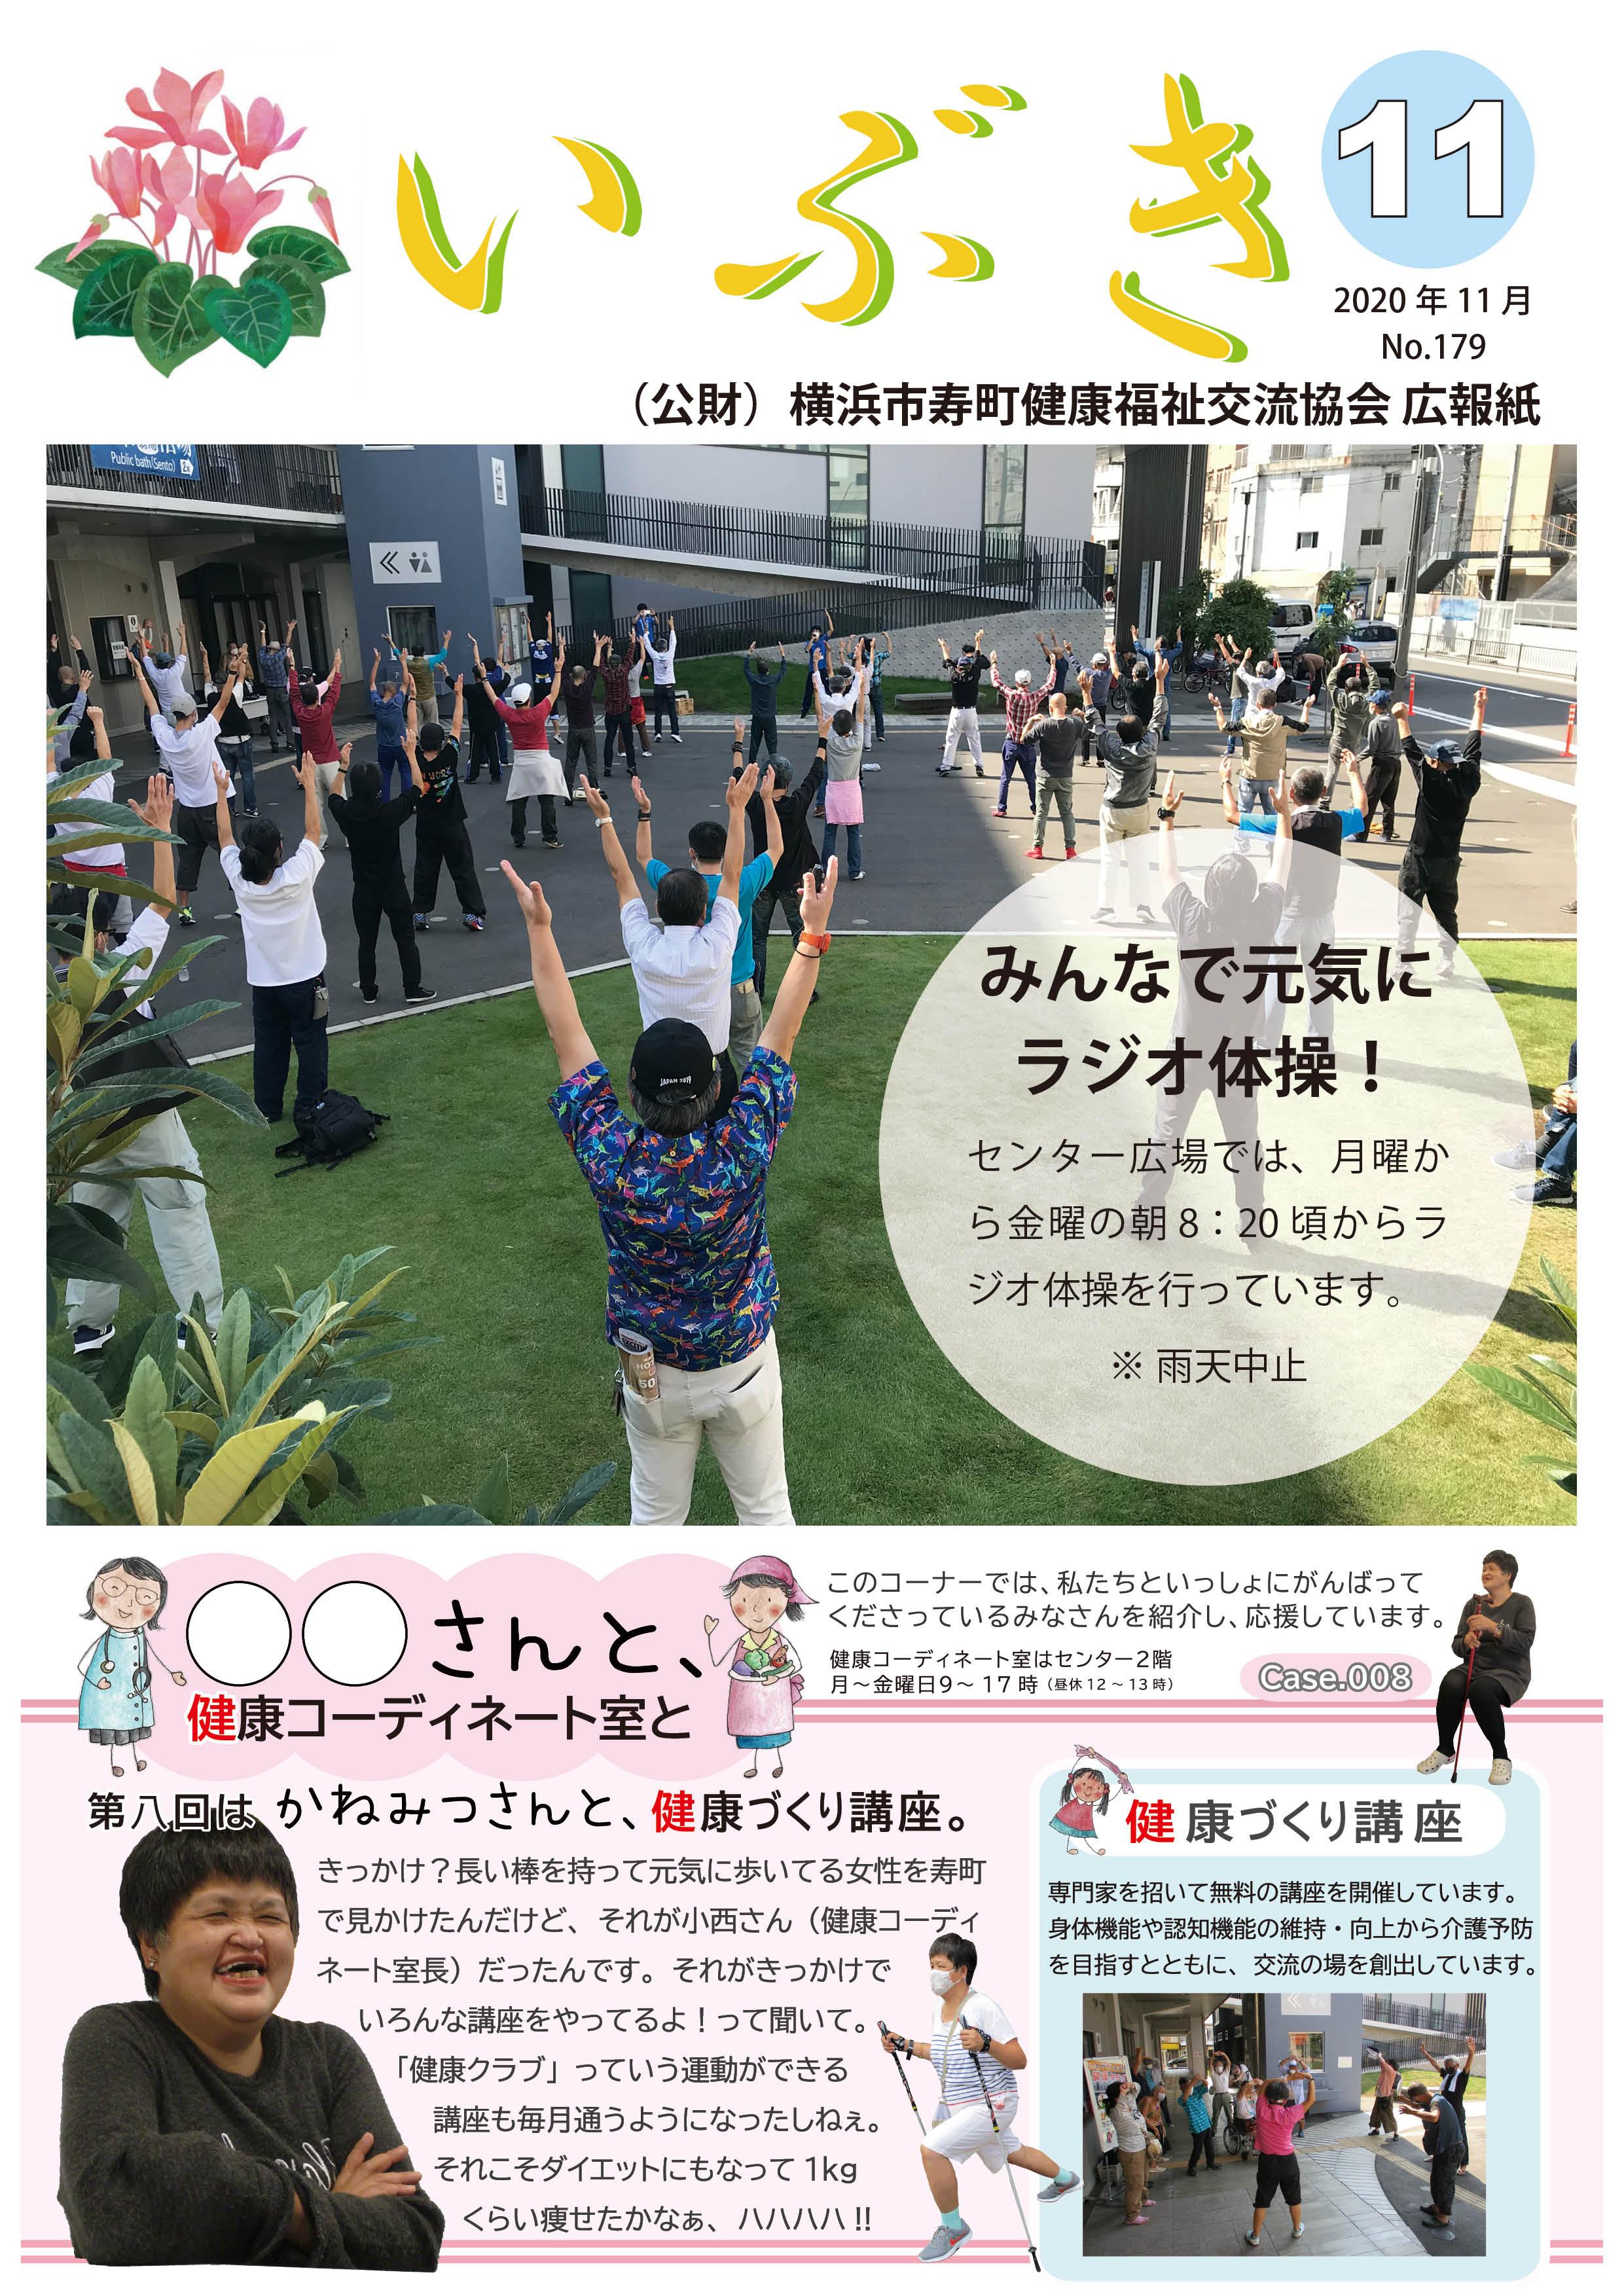 広報紙いぶき2020年11月号(No.179)